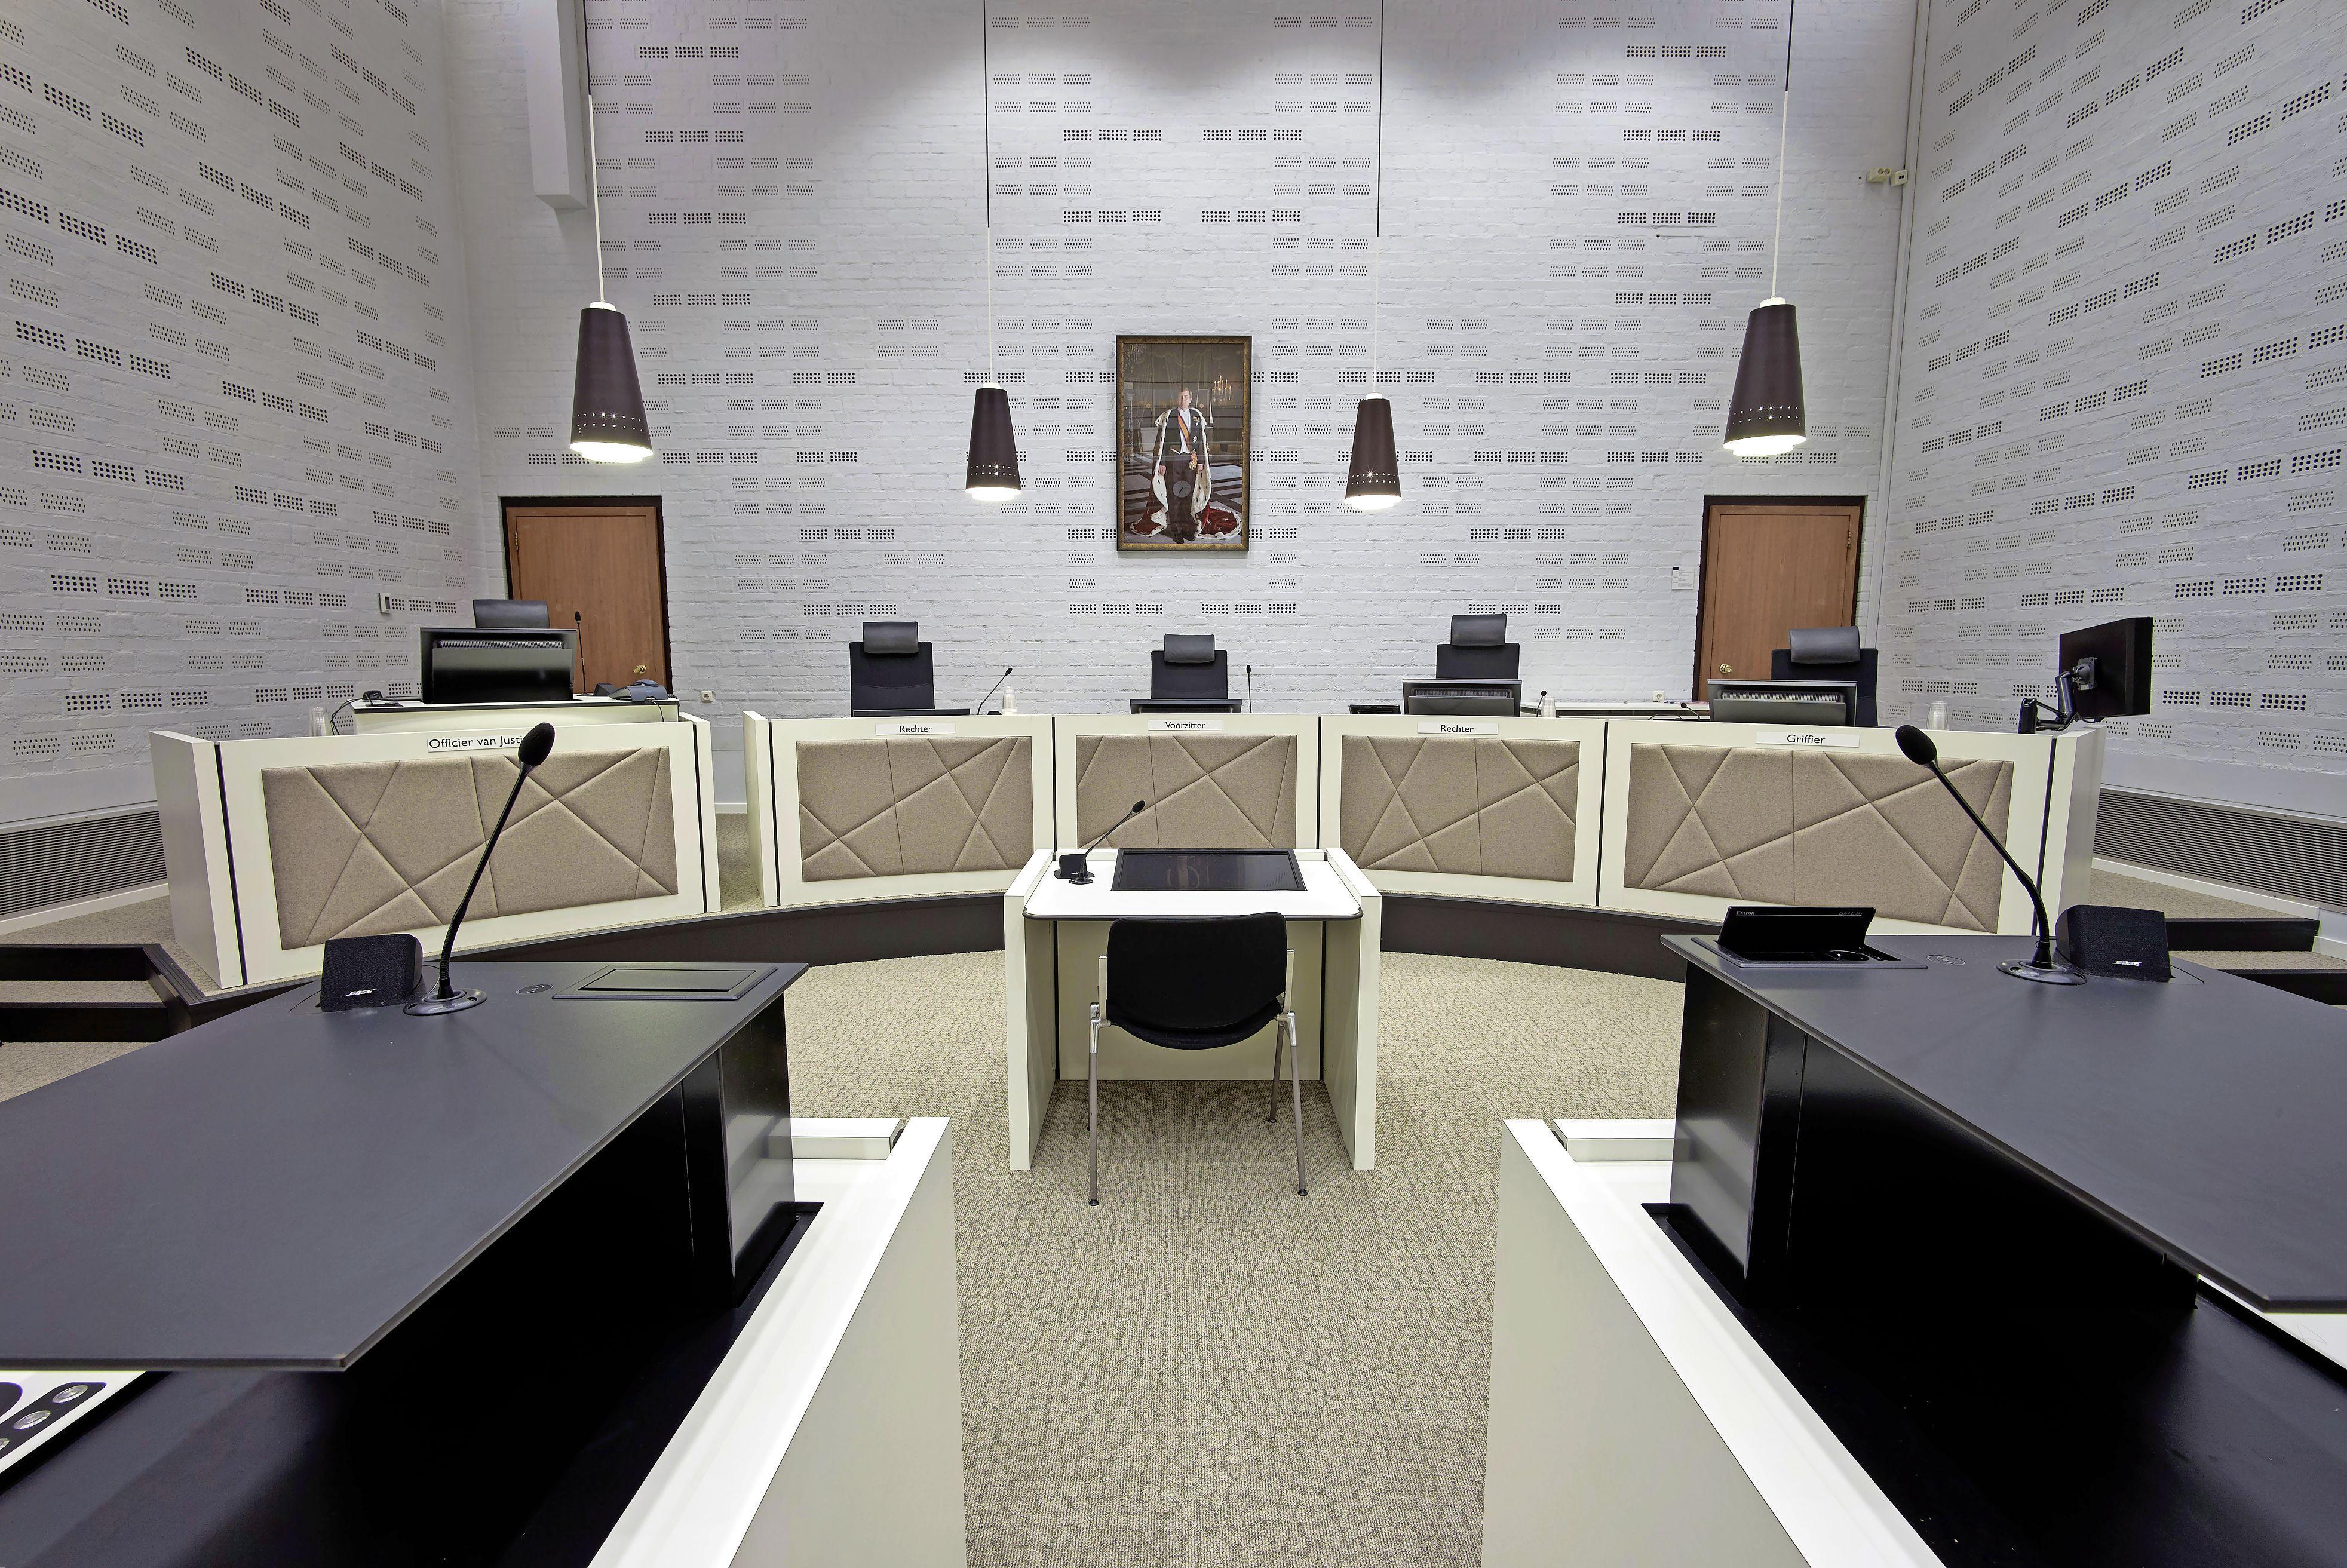 Voormalig medewerker jeugdinrichting Sassenheim hoort 27 maanden cel eisen vanwege ontucht